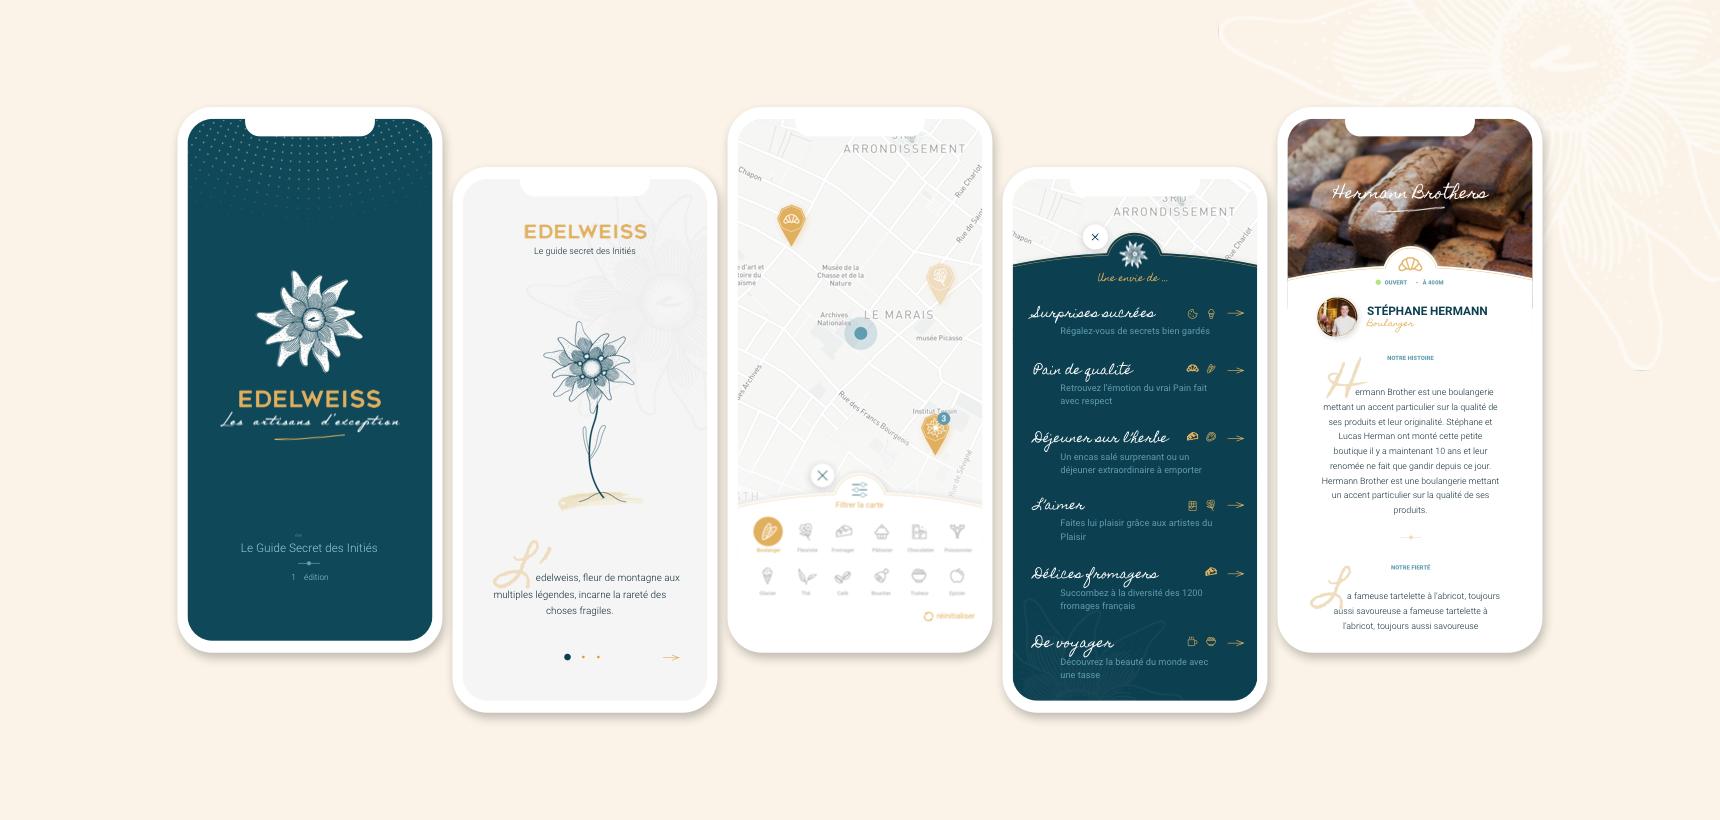 Edelweiss, l'app des gourmets et des gourmands